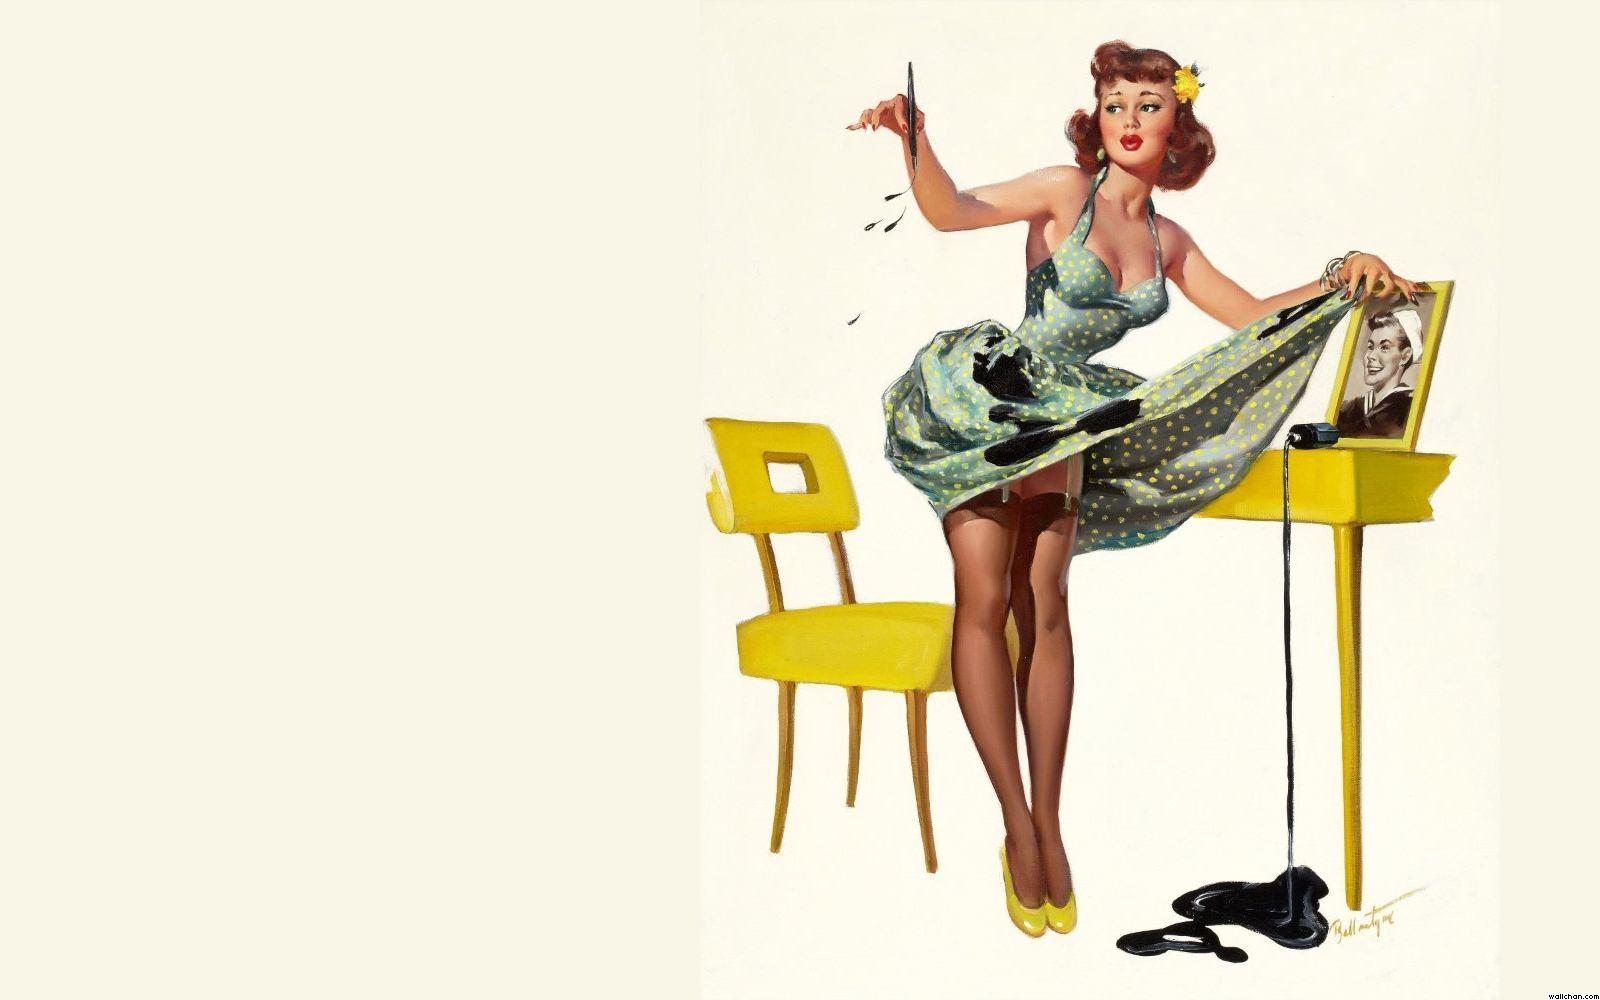 singing pin up girl wallpaper 1600x1000